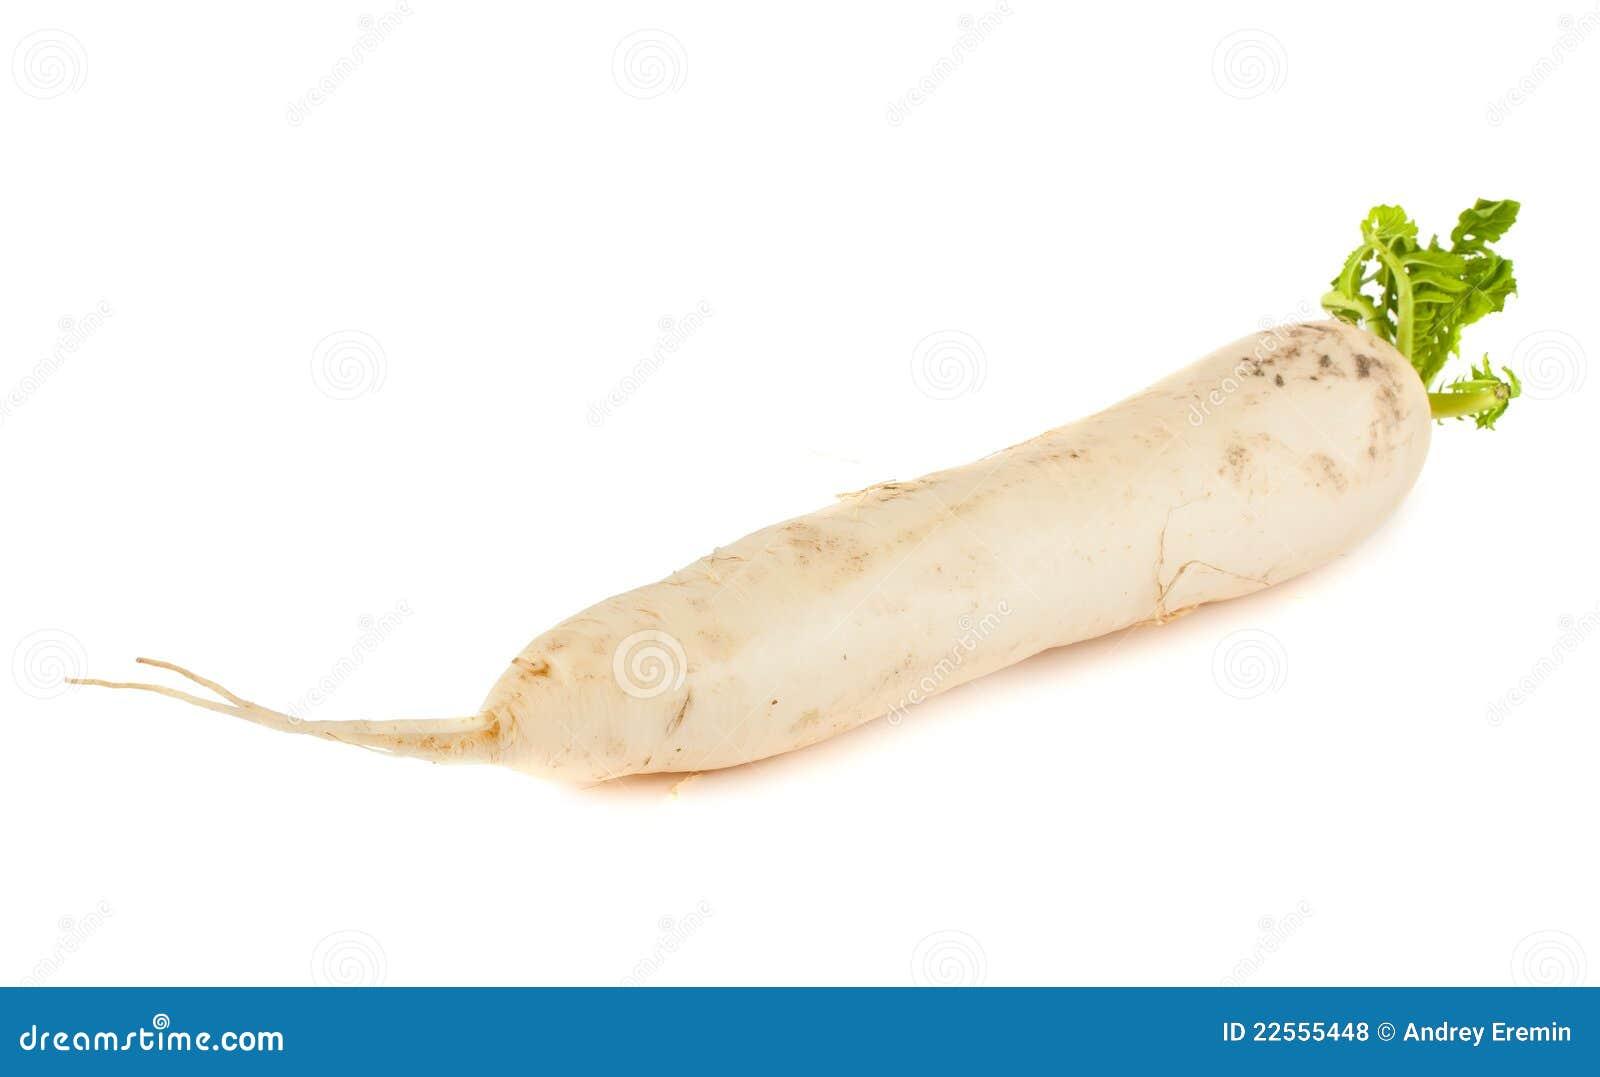 Daikon radish